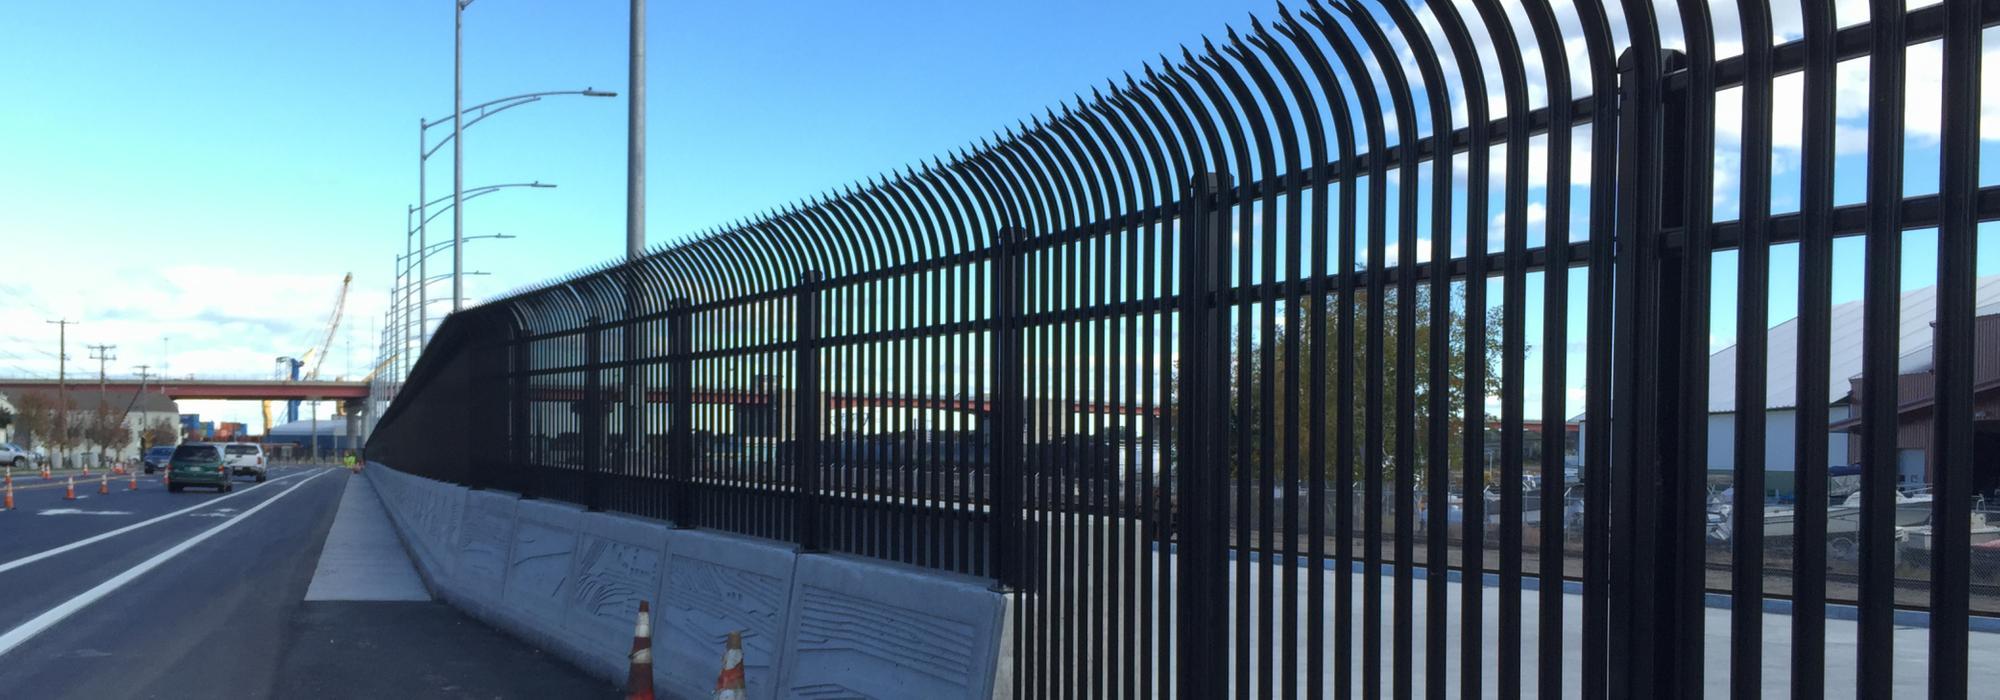 Industrial Ornamental Fences